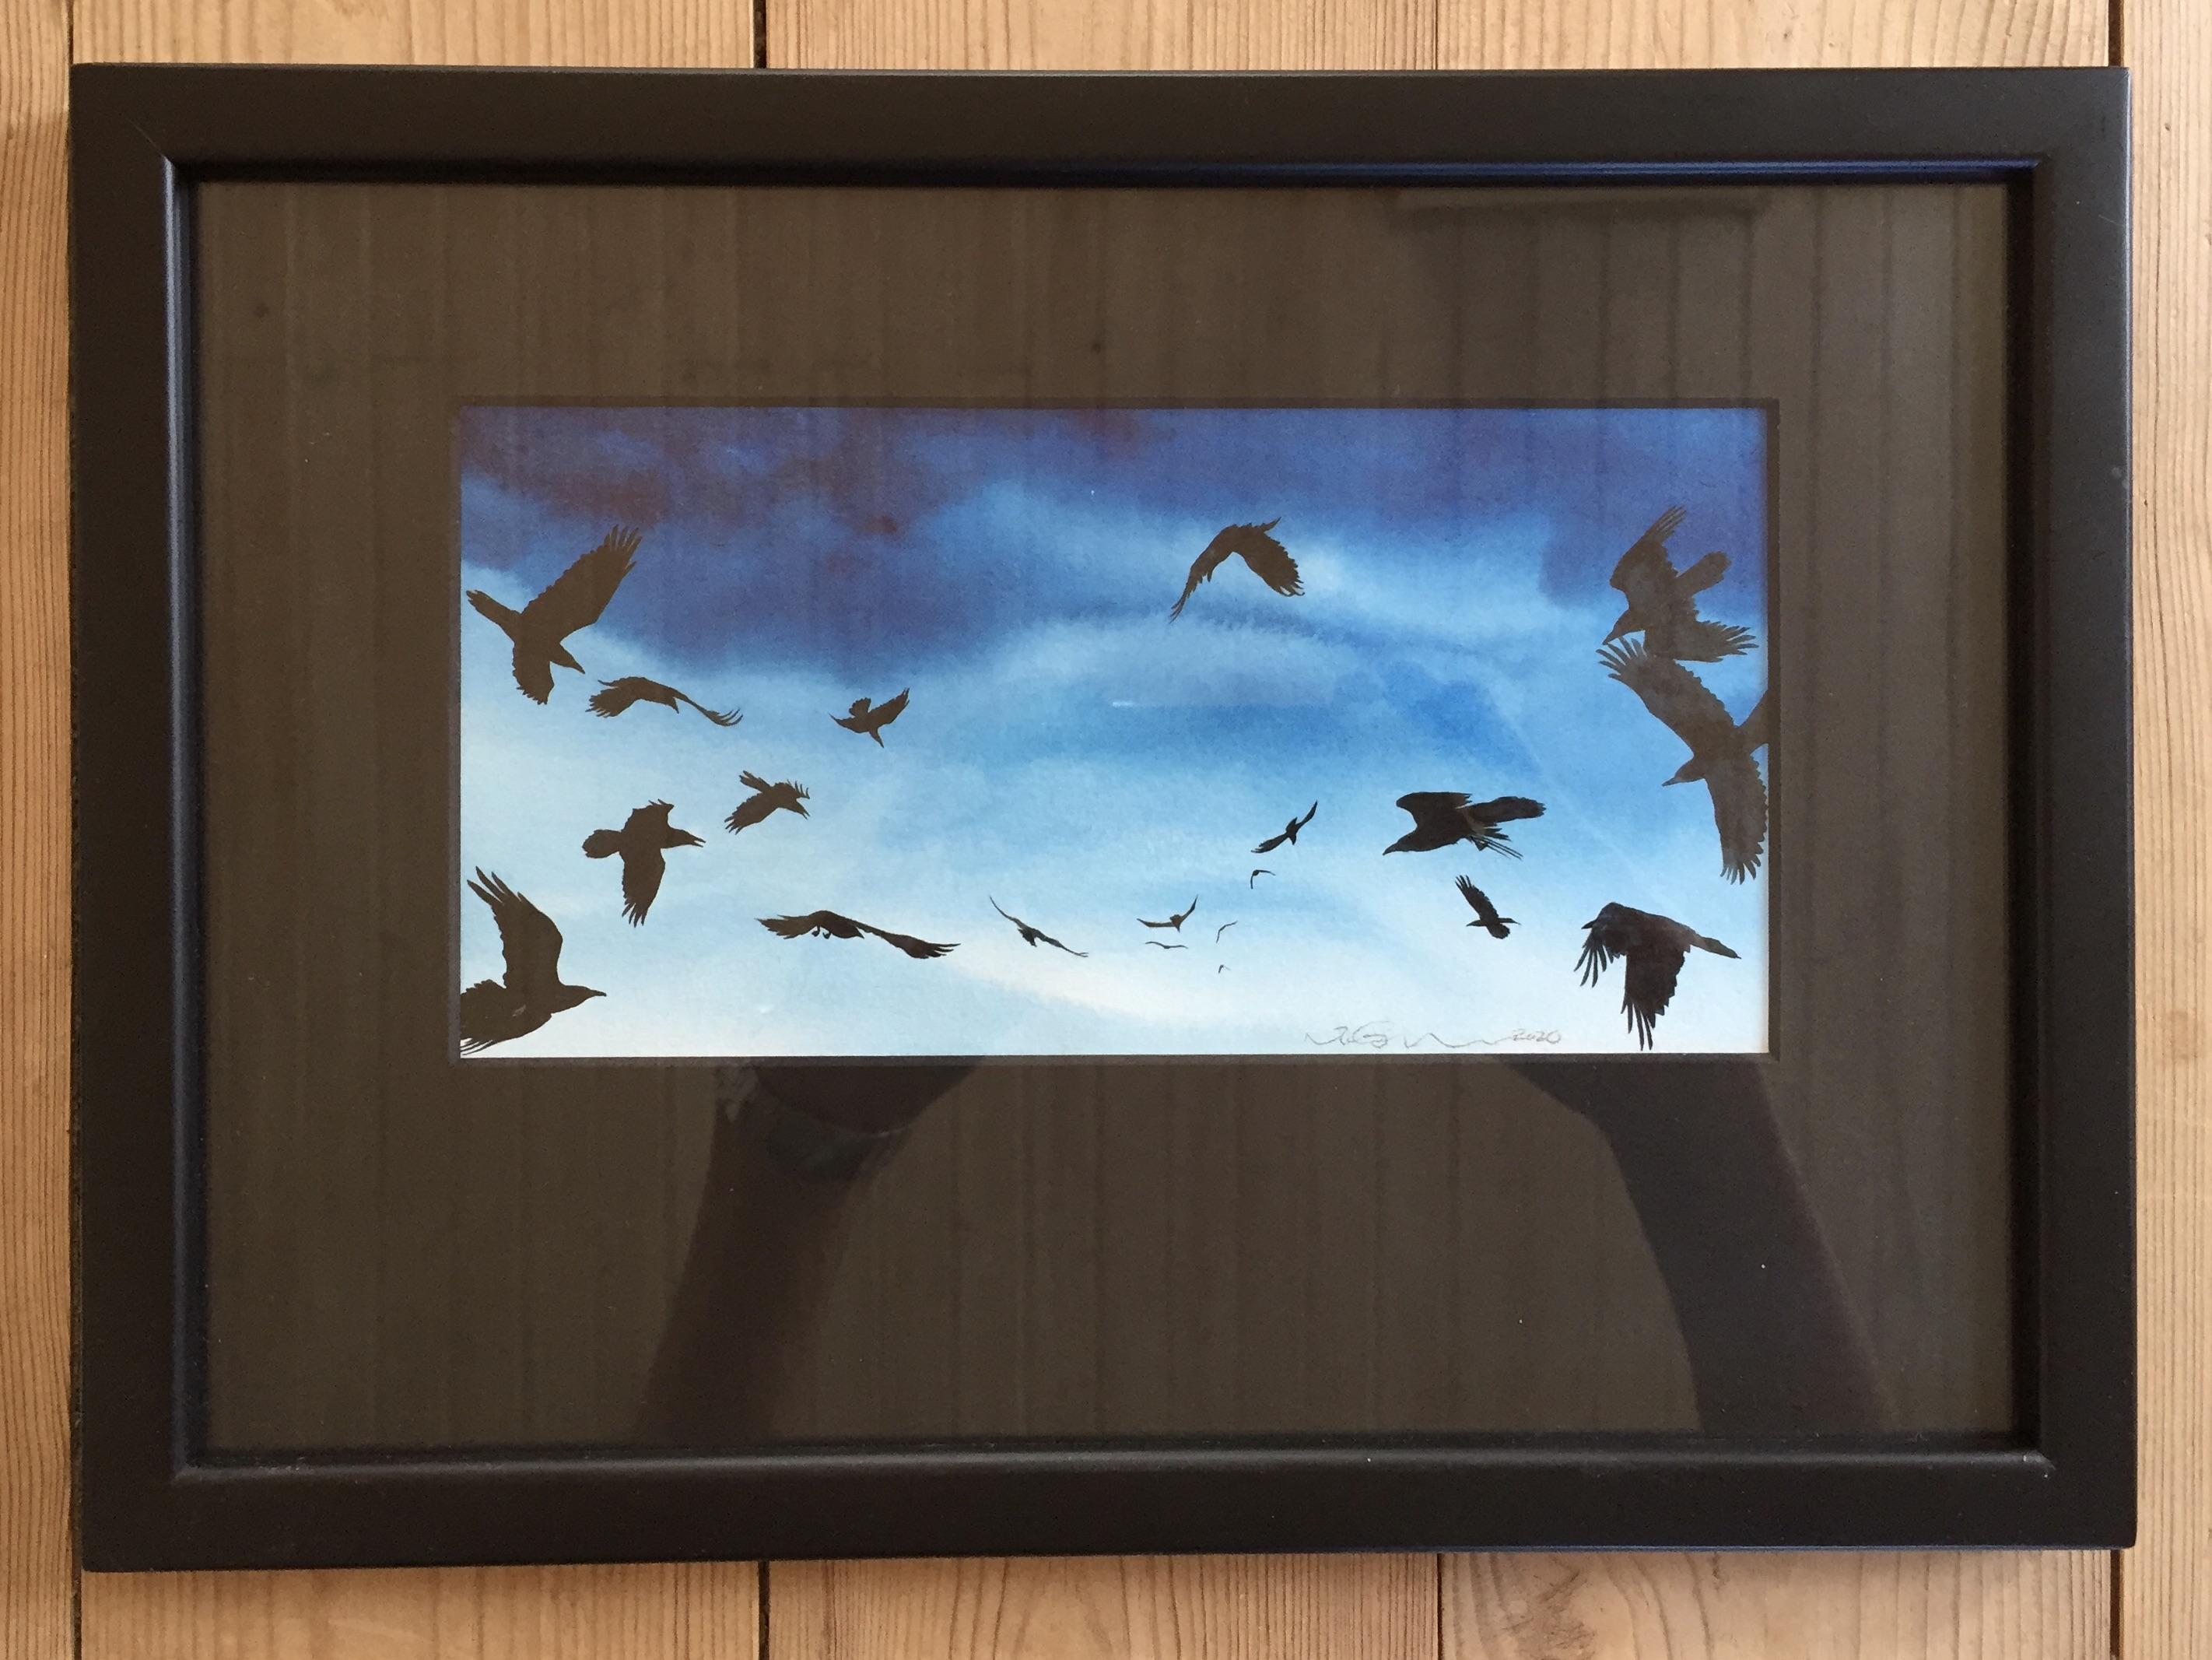 Ravens 2 - SOLD